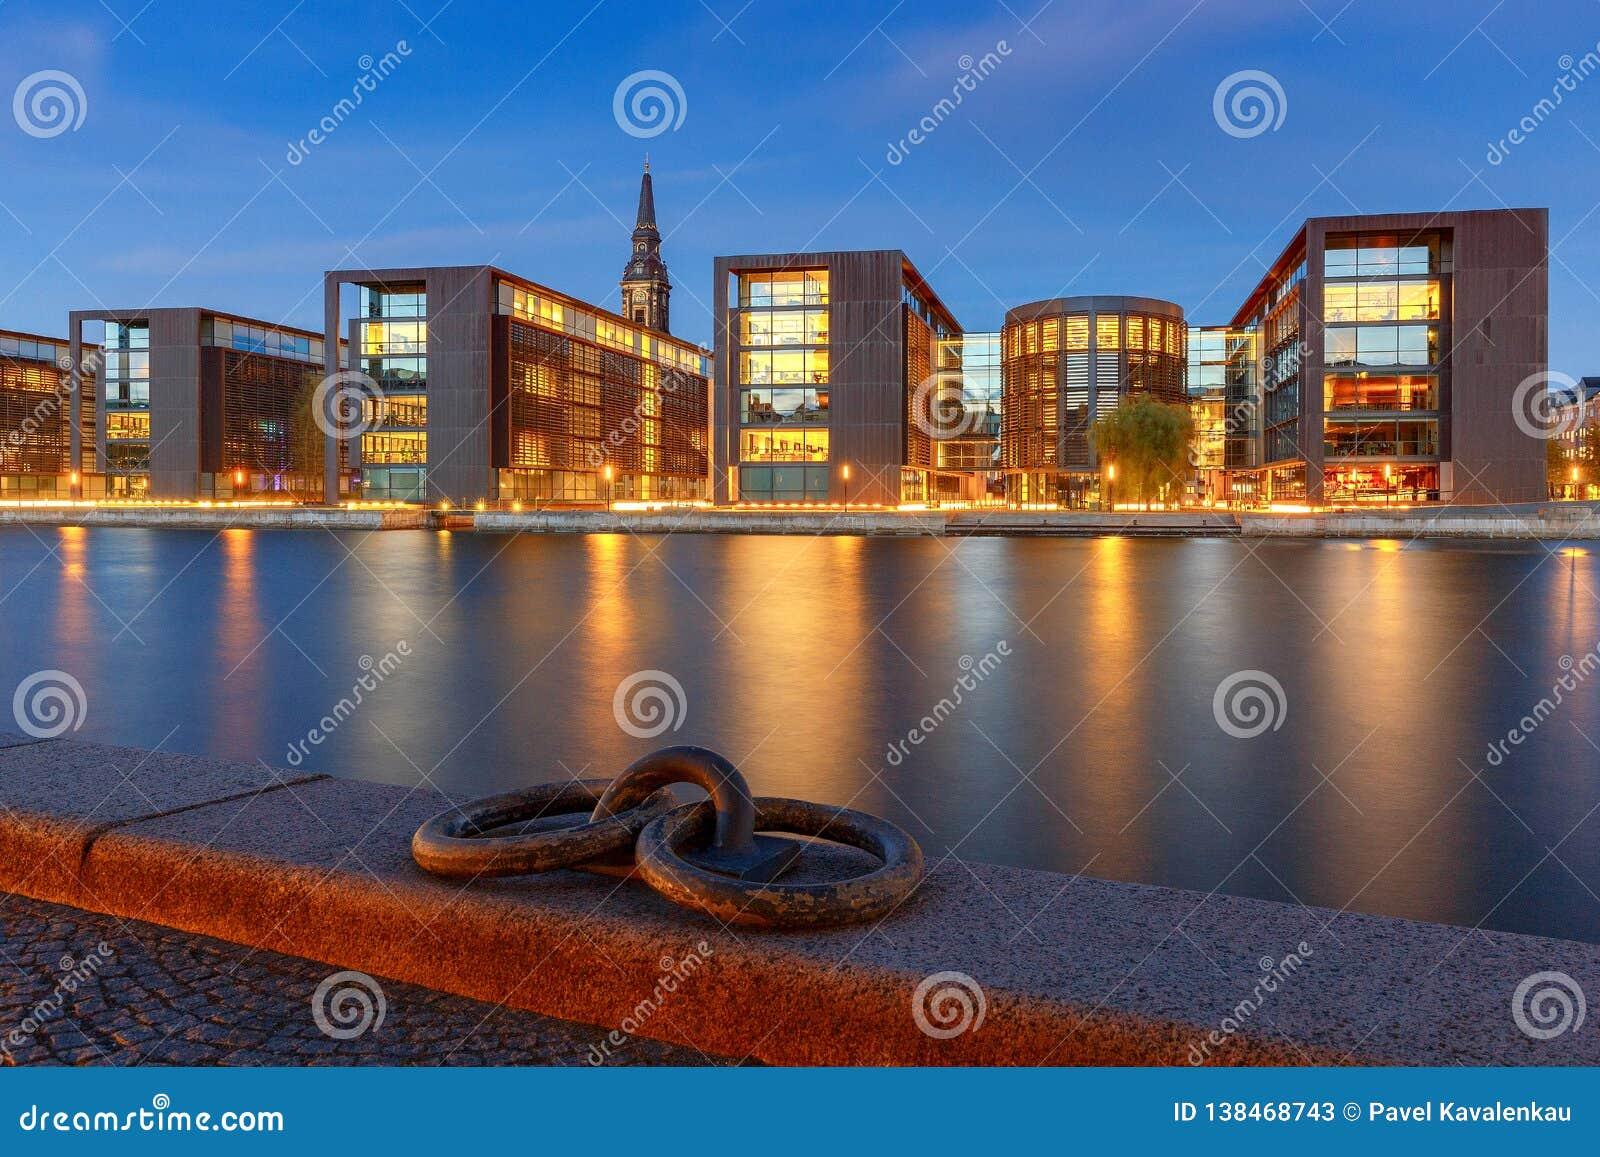 Kopenhagen Stadsdijk bij zonsondergang